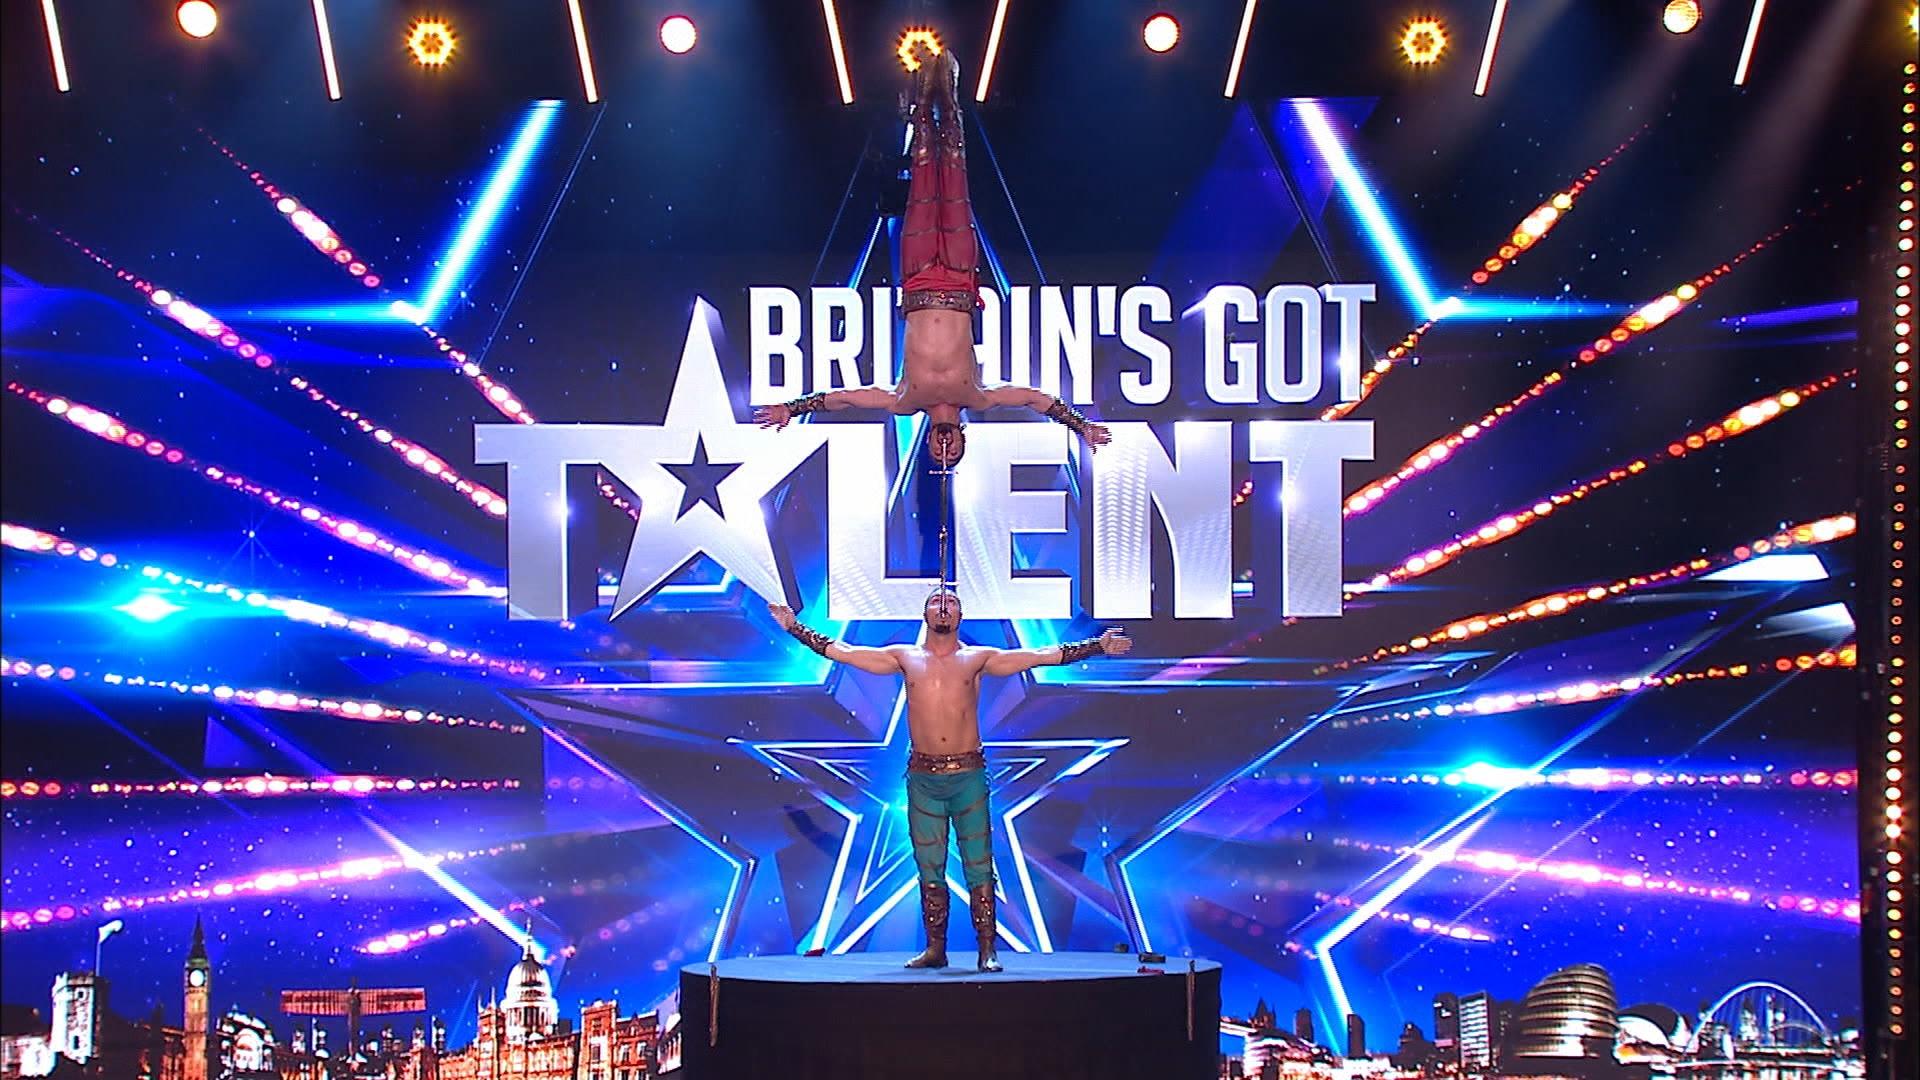 Een foto van het decor van Britains Got Talent